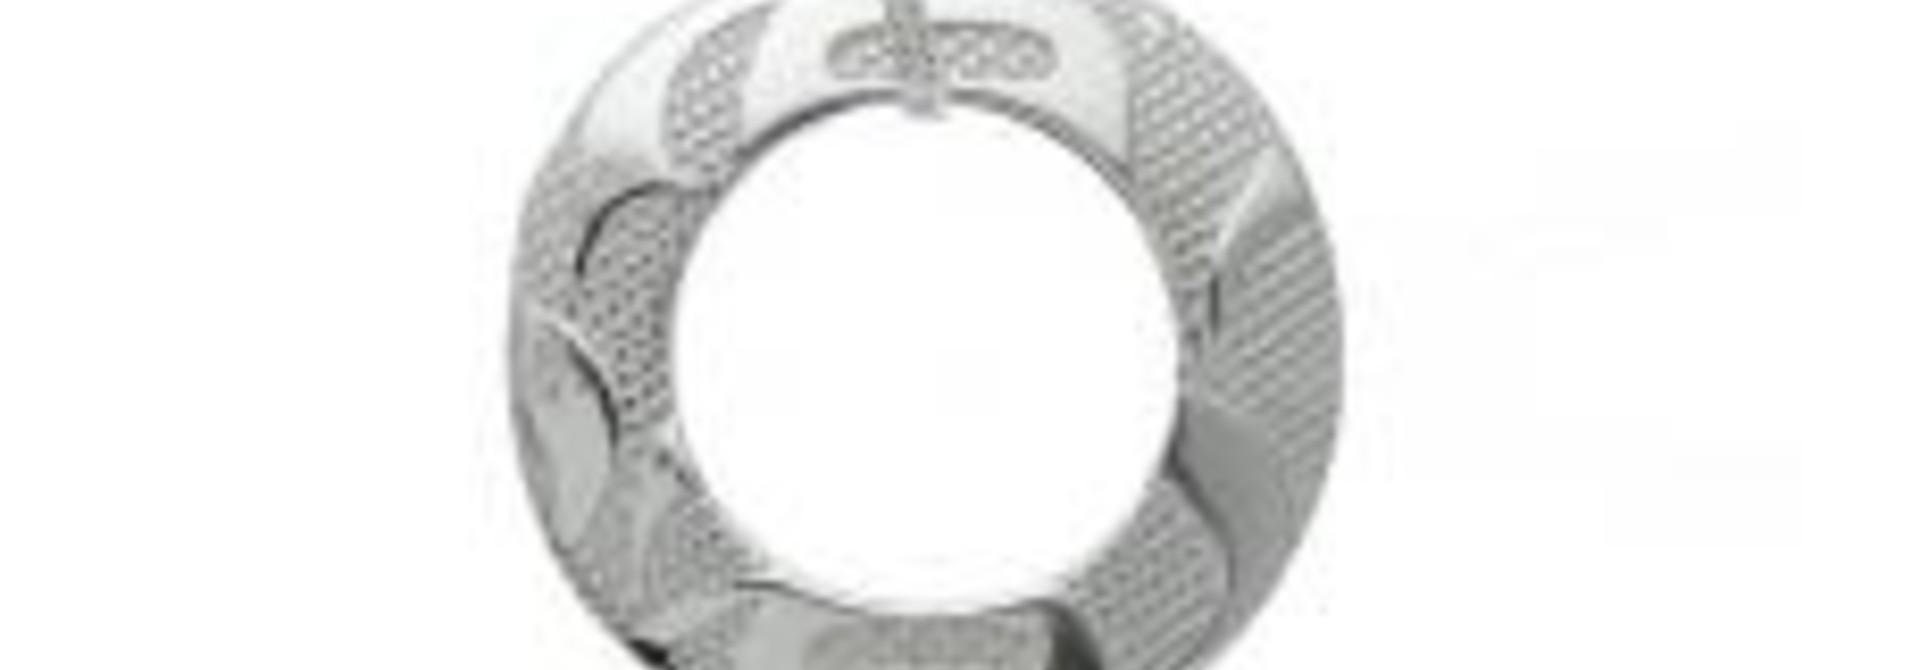 Silver Pewter Pendant - Equilibrium